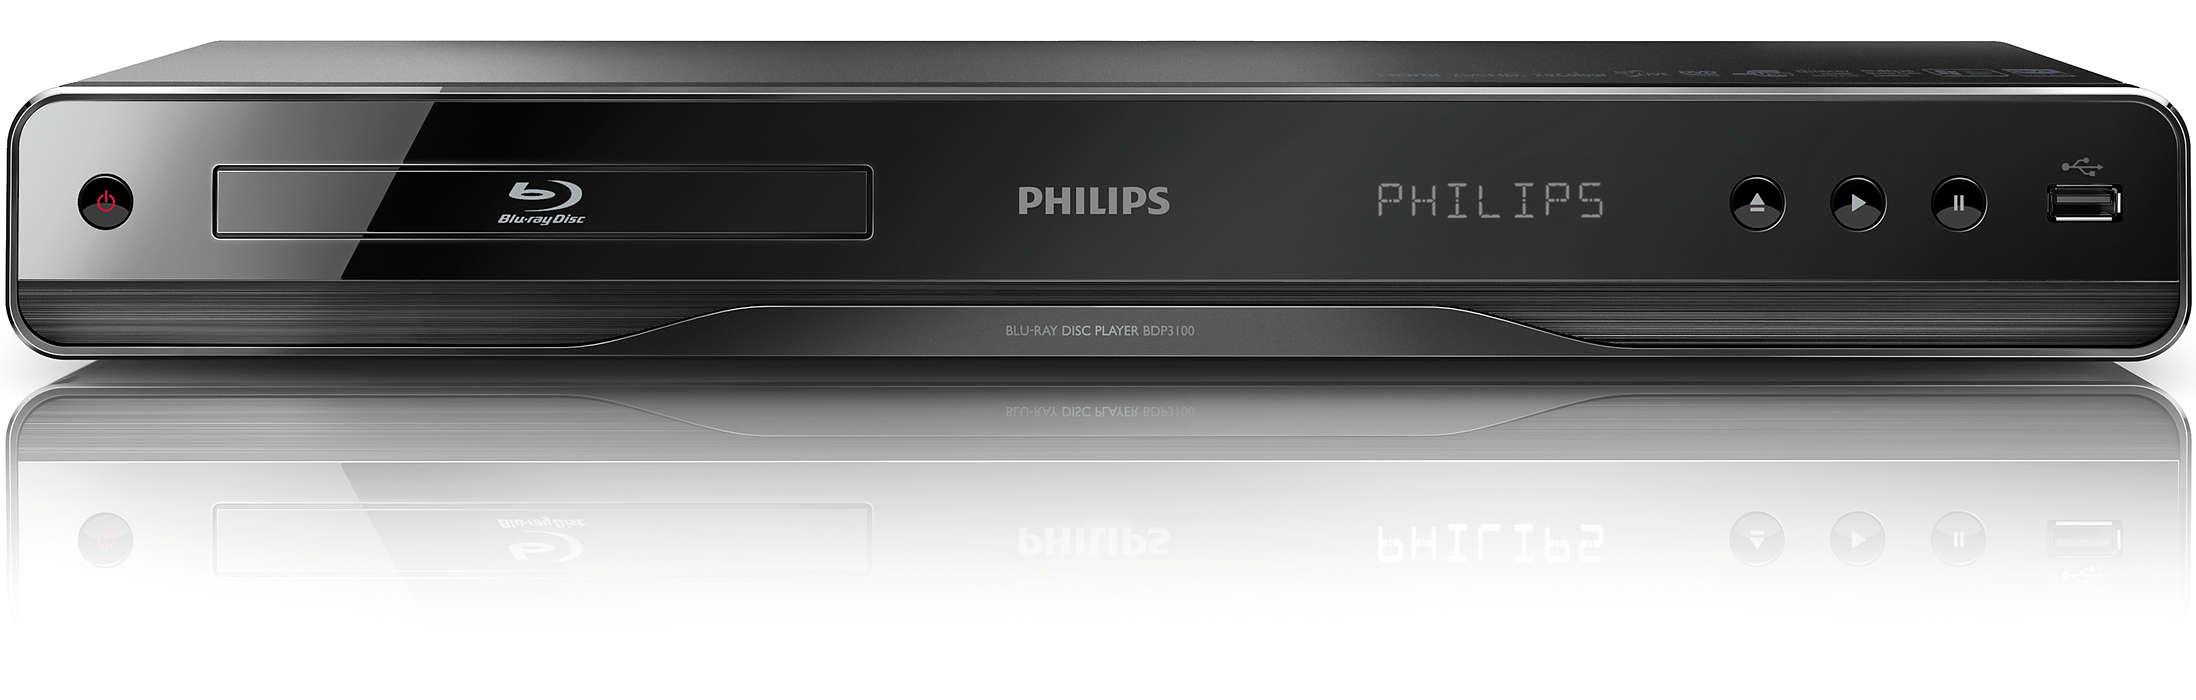 Zažijte odlišnost technologie Blu-ray